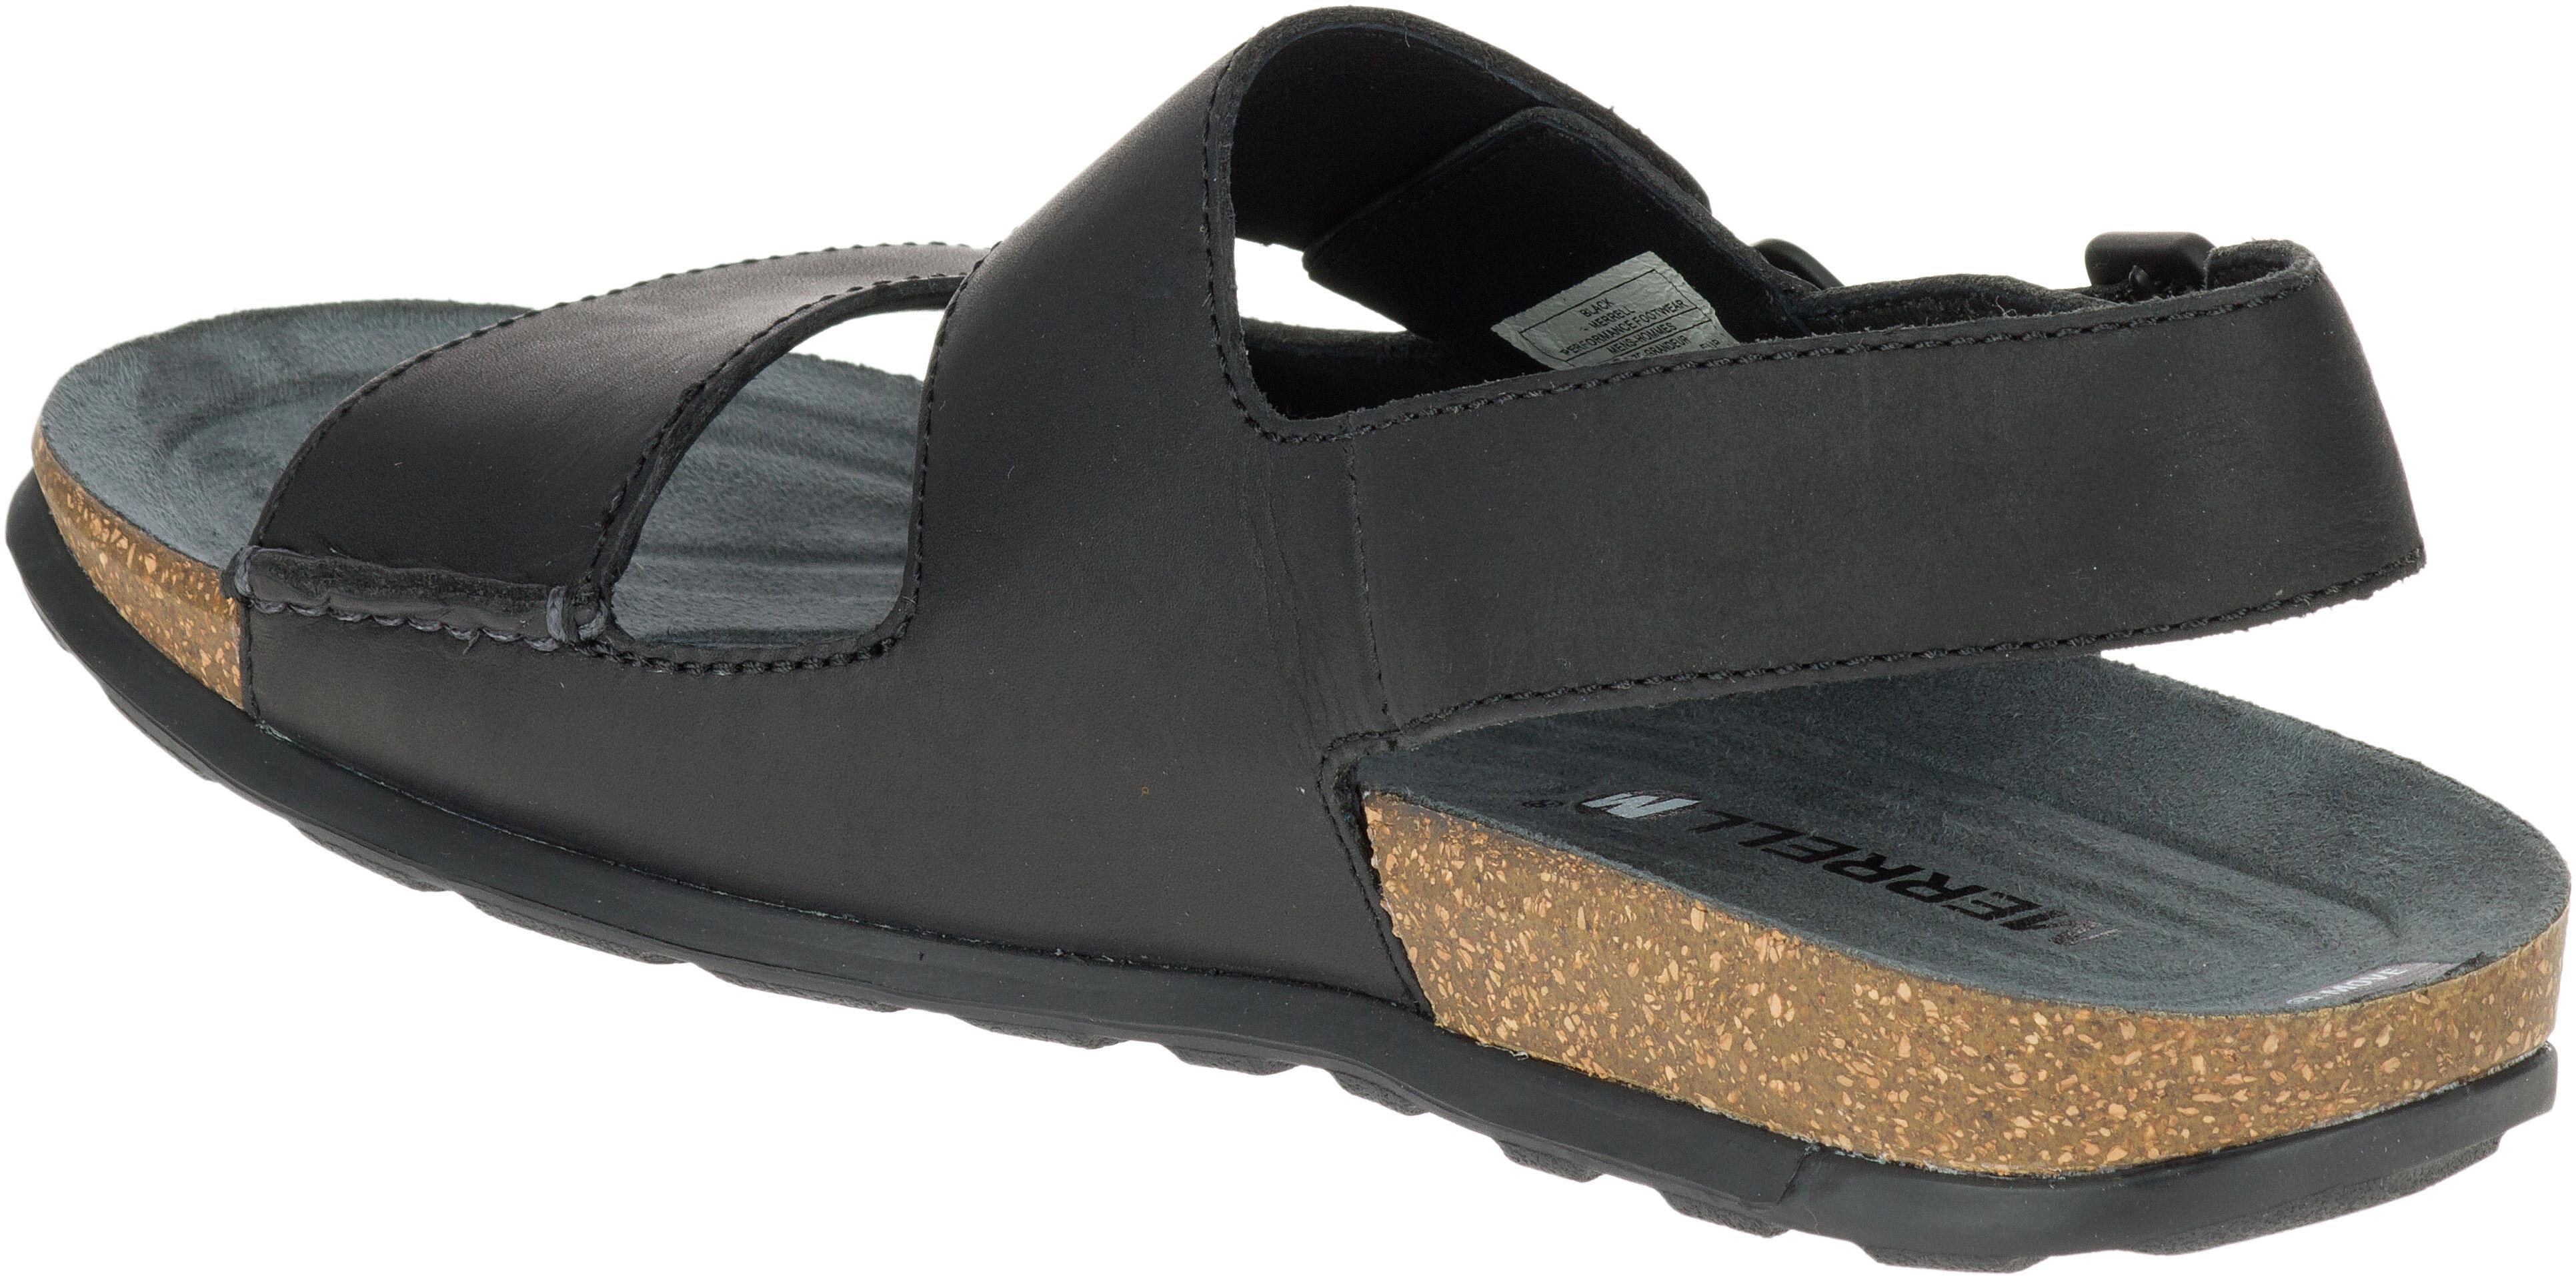 84ad475ea2 Merrell Downtown Backstrap Buckle Sandals Men black